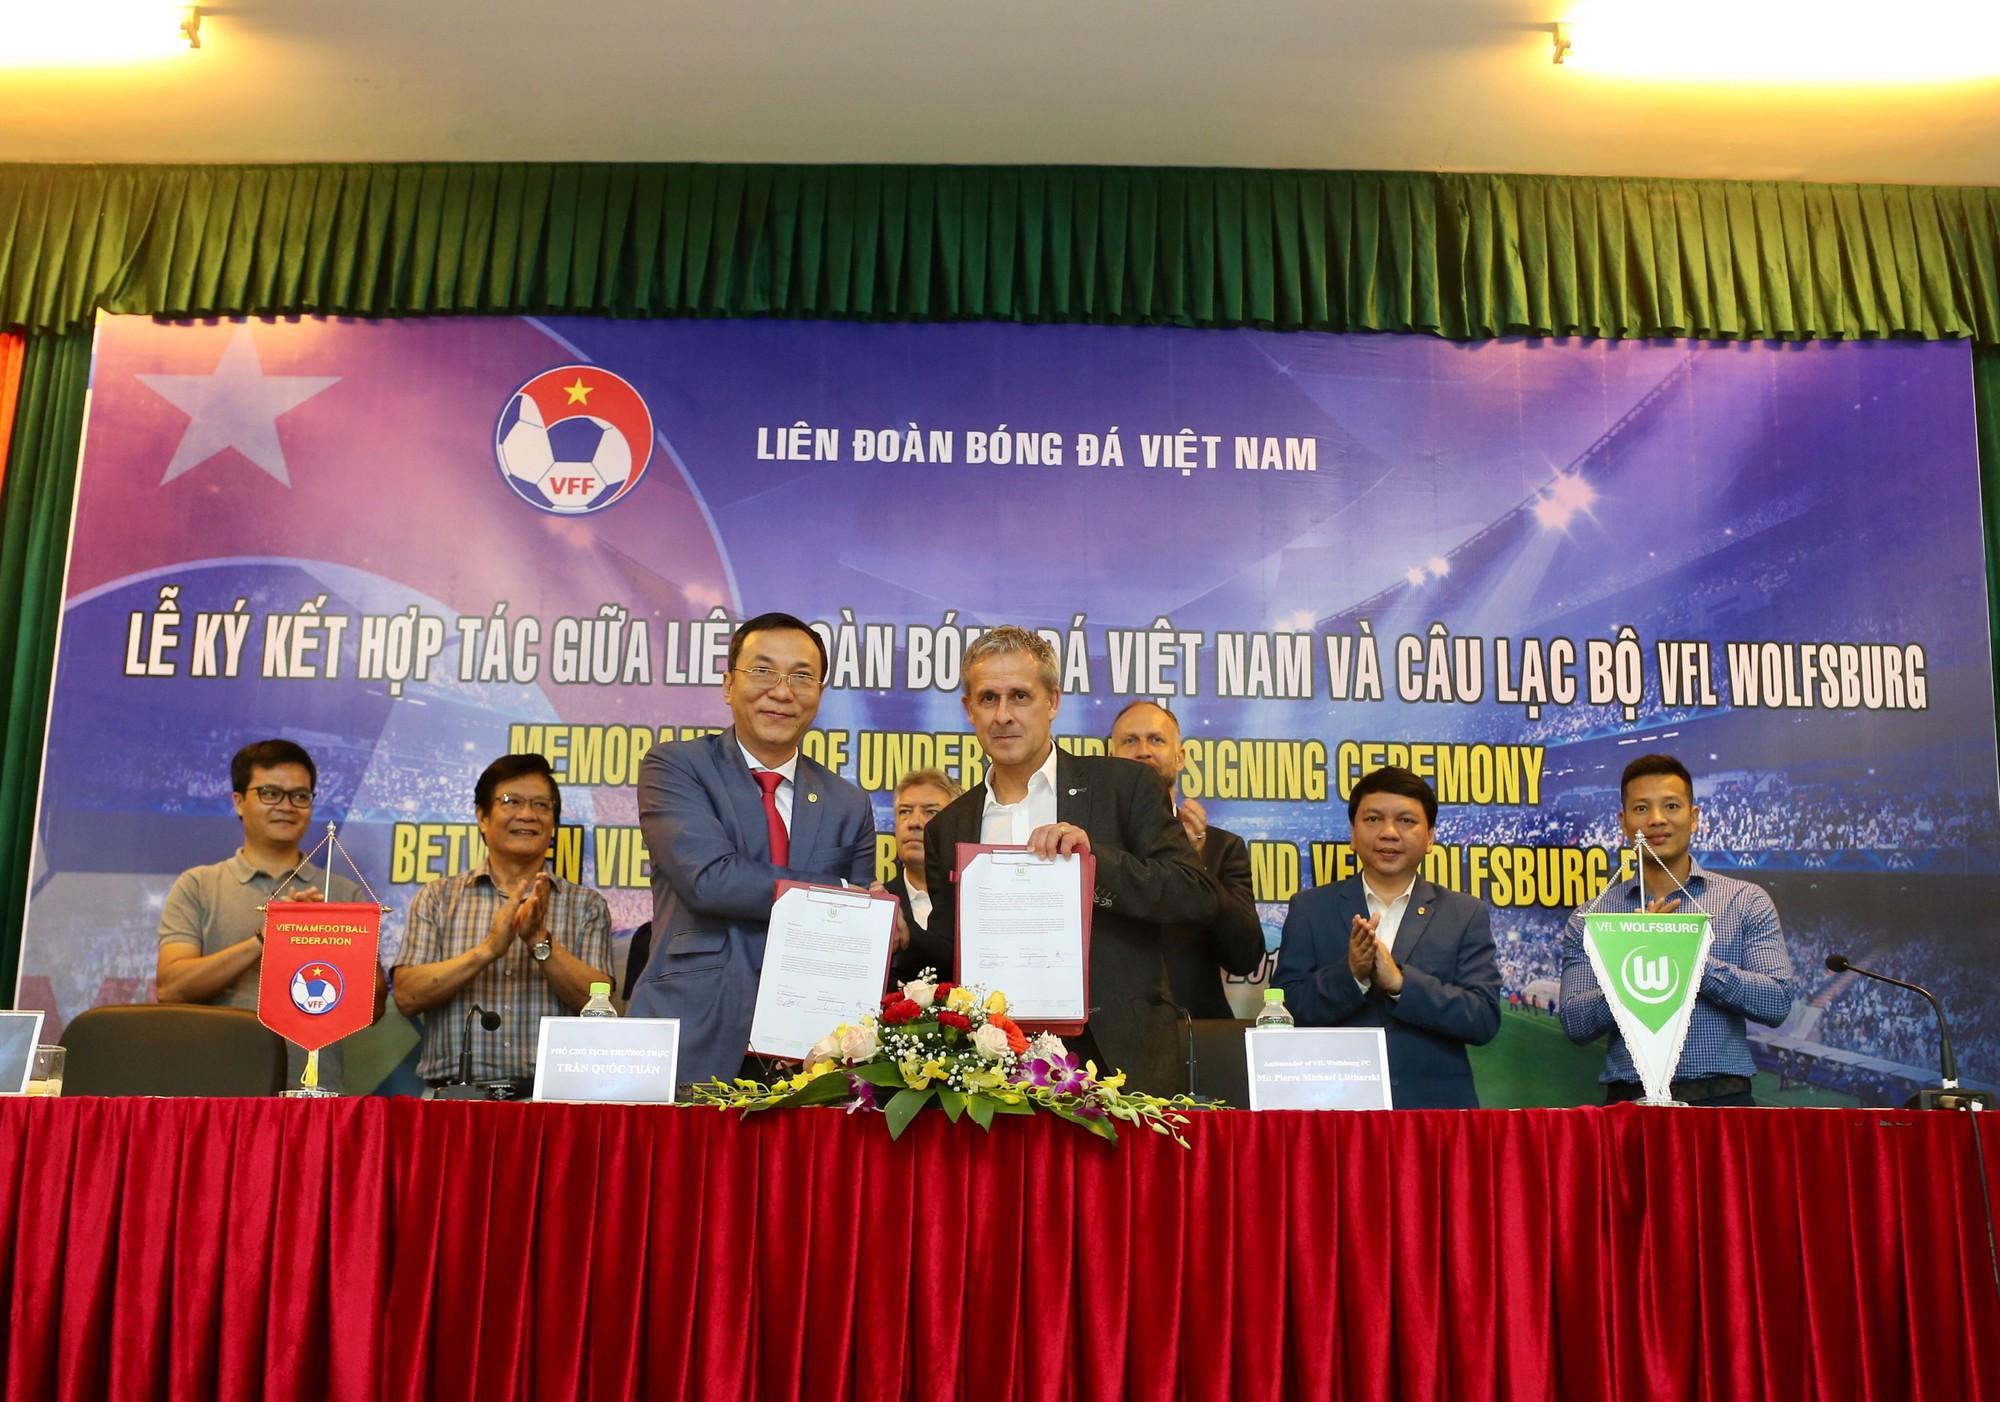 CLB nổi tiếng của Đức giải thích lý do cầu thủ trẻ Việt Nam chưa thể sang Đức thi đấu  - Ảnh 4.